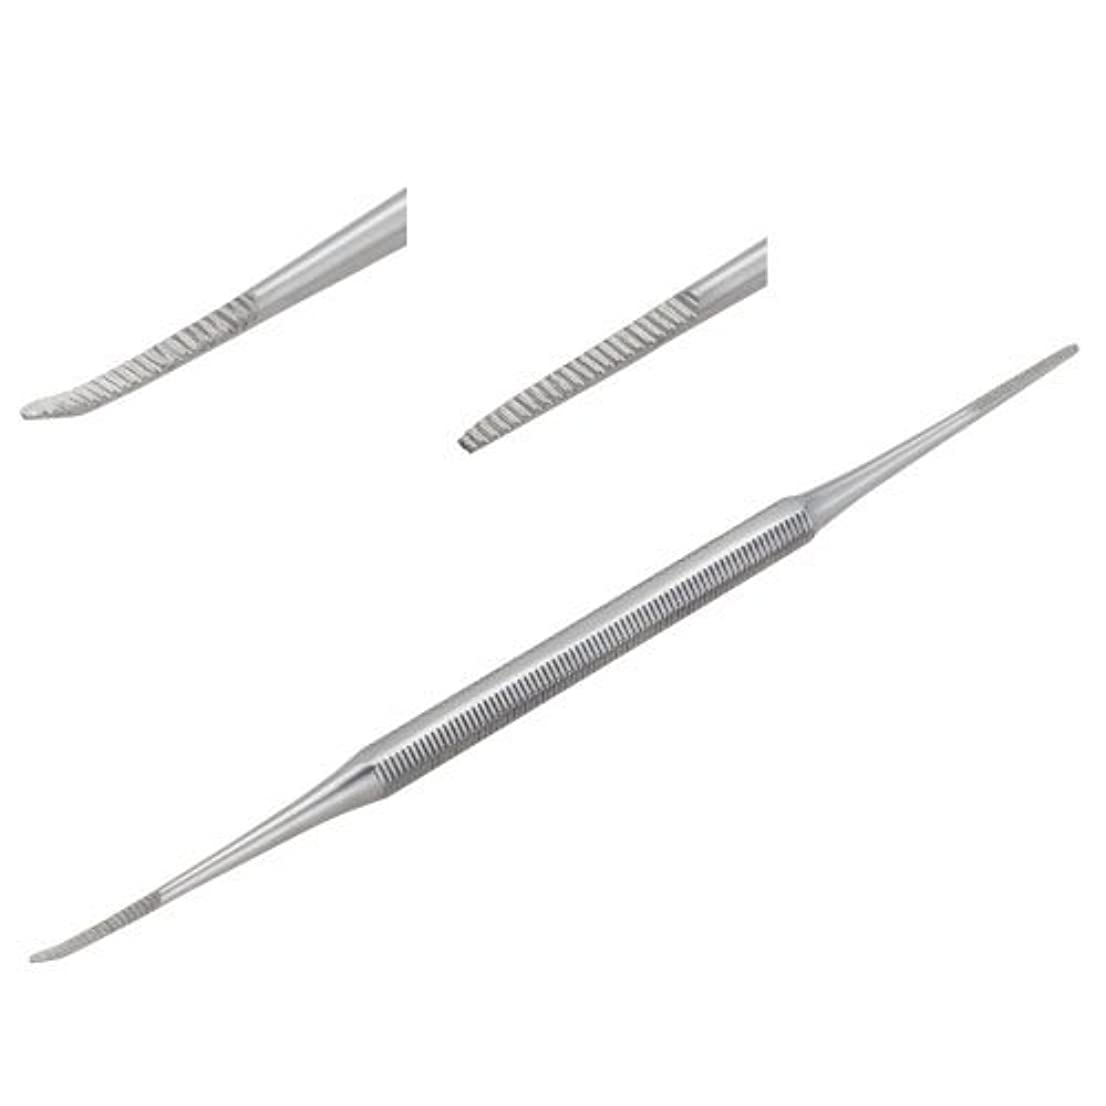 モニカ気楽なラインナップ巻き爪用ヤスリ HC-2015 サイズ:W5×L150×H5mm